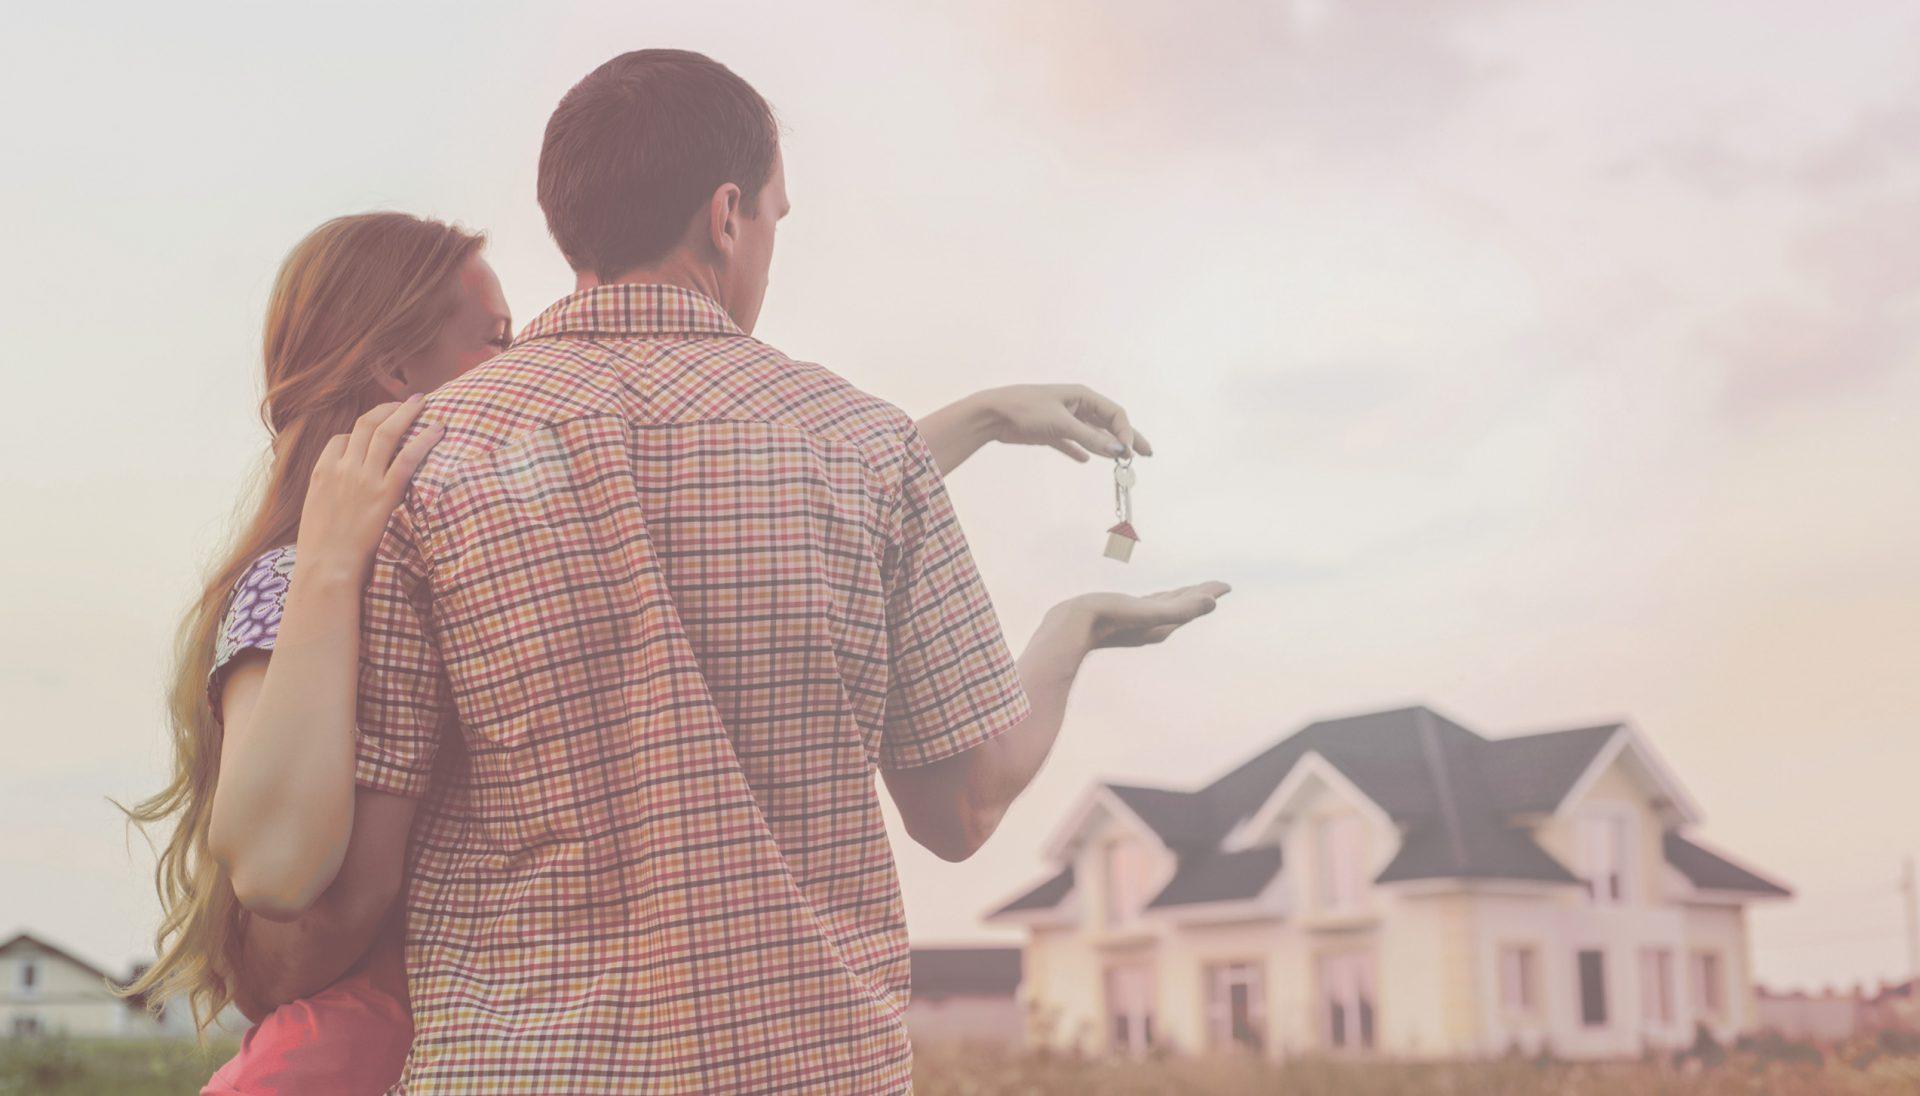 Le déroulement d'une transaction immobilière (point de vue de l'acheteur)